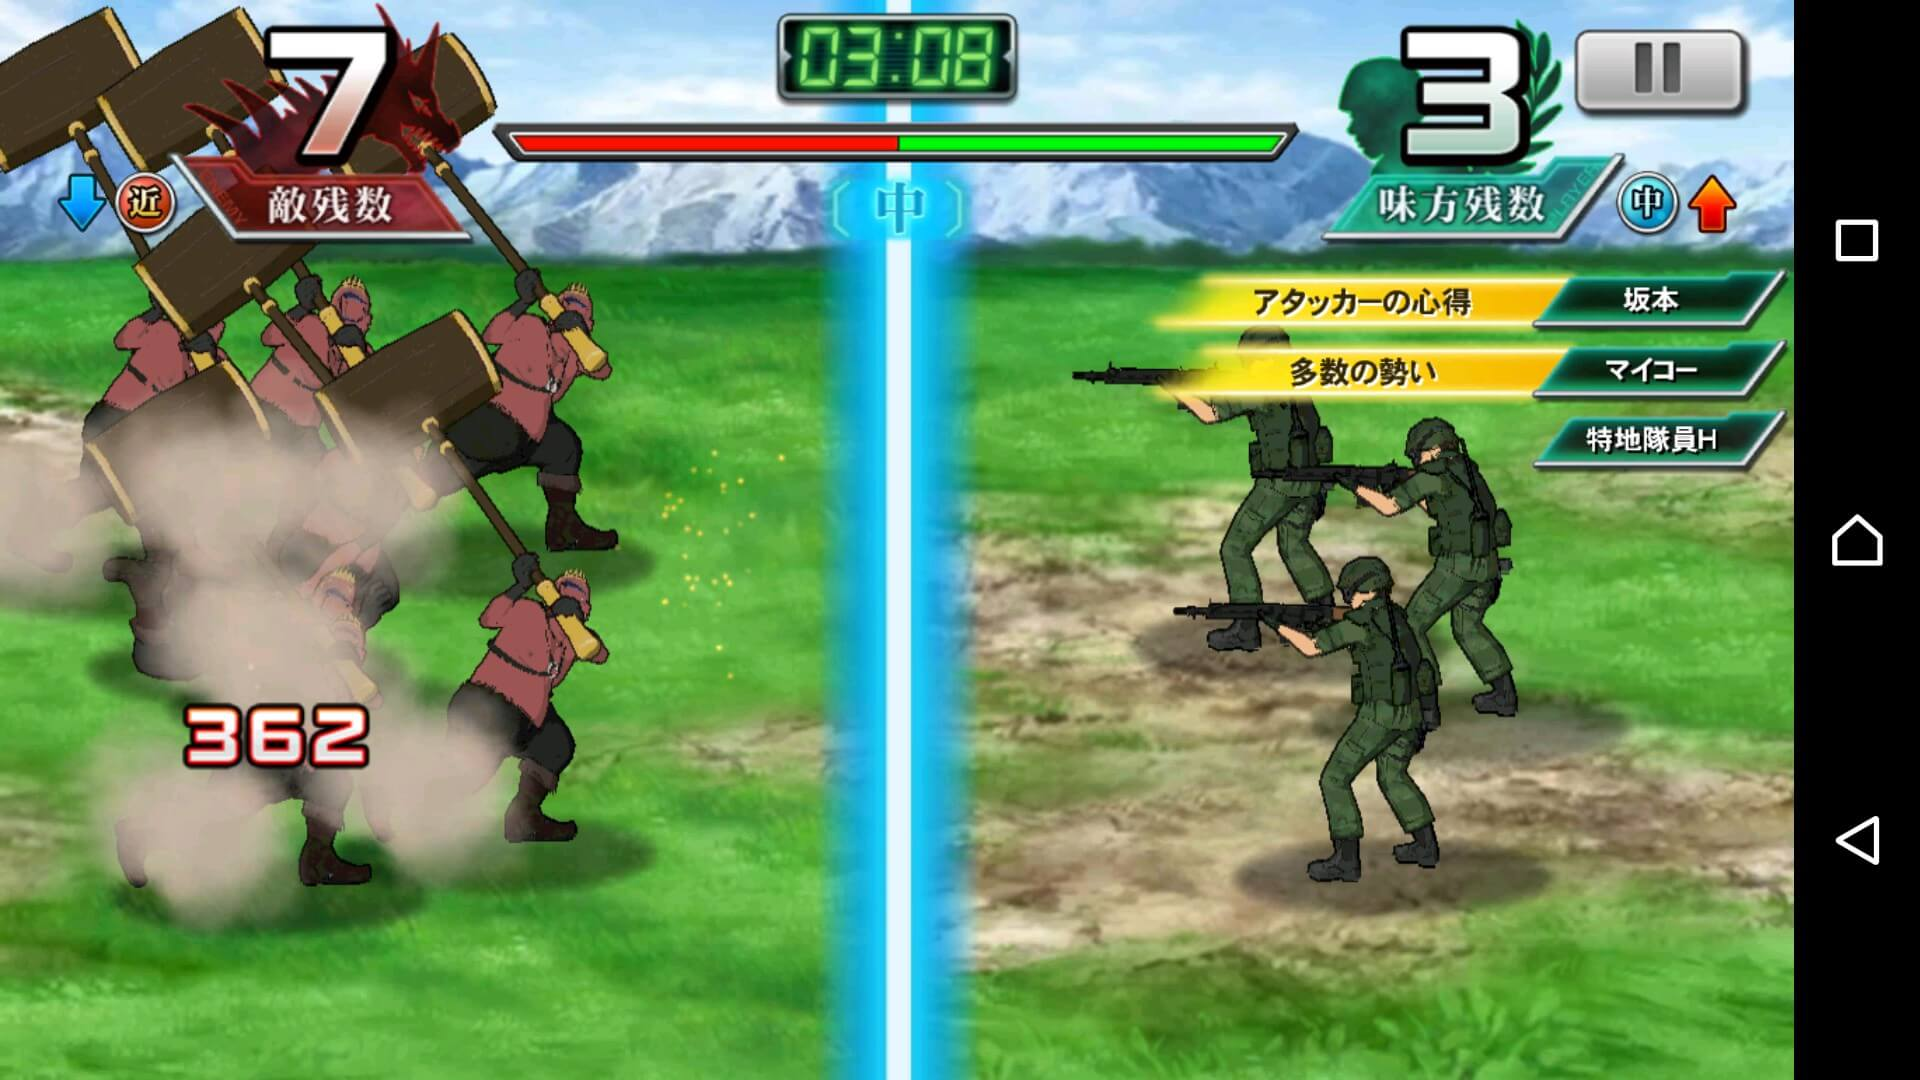 敵との戦闘は画面が移行して本格的な戦闘が見られます